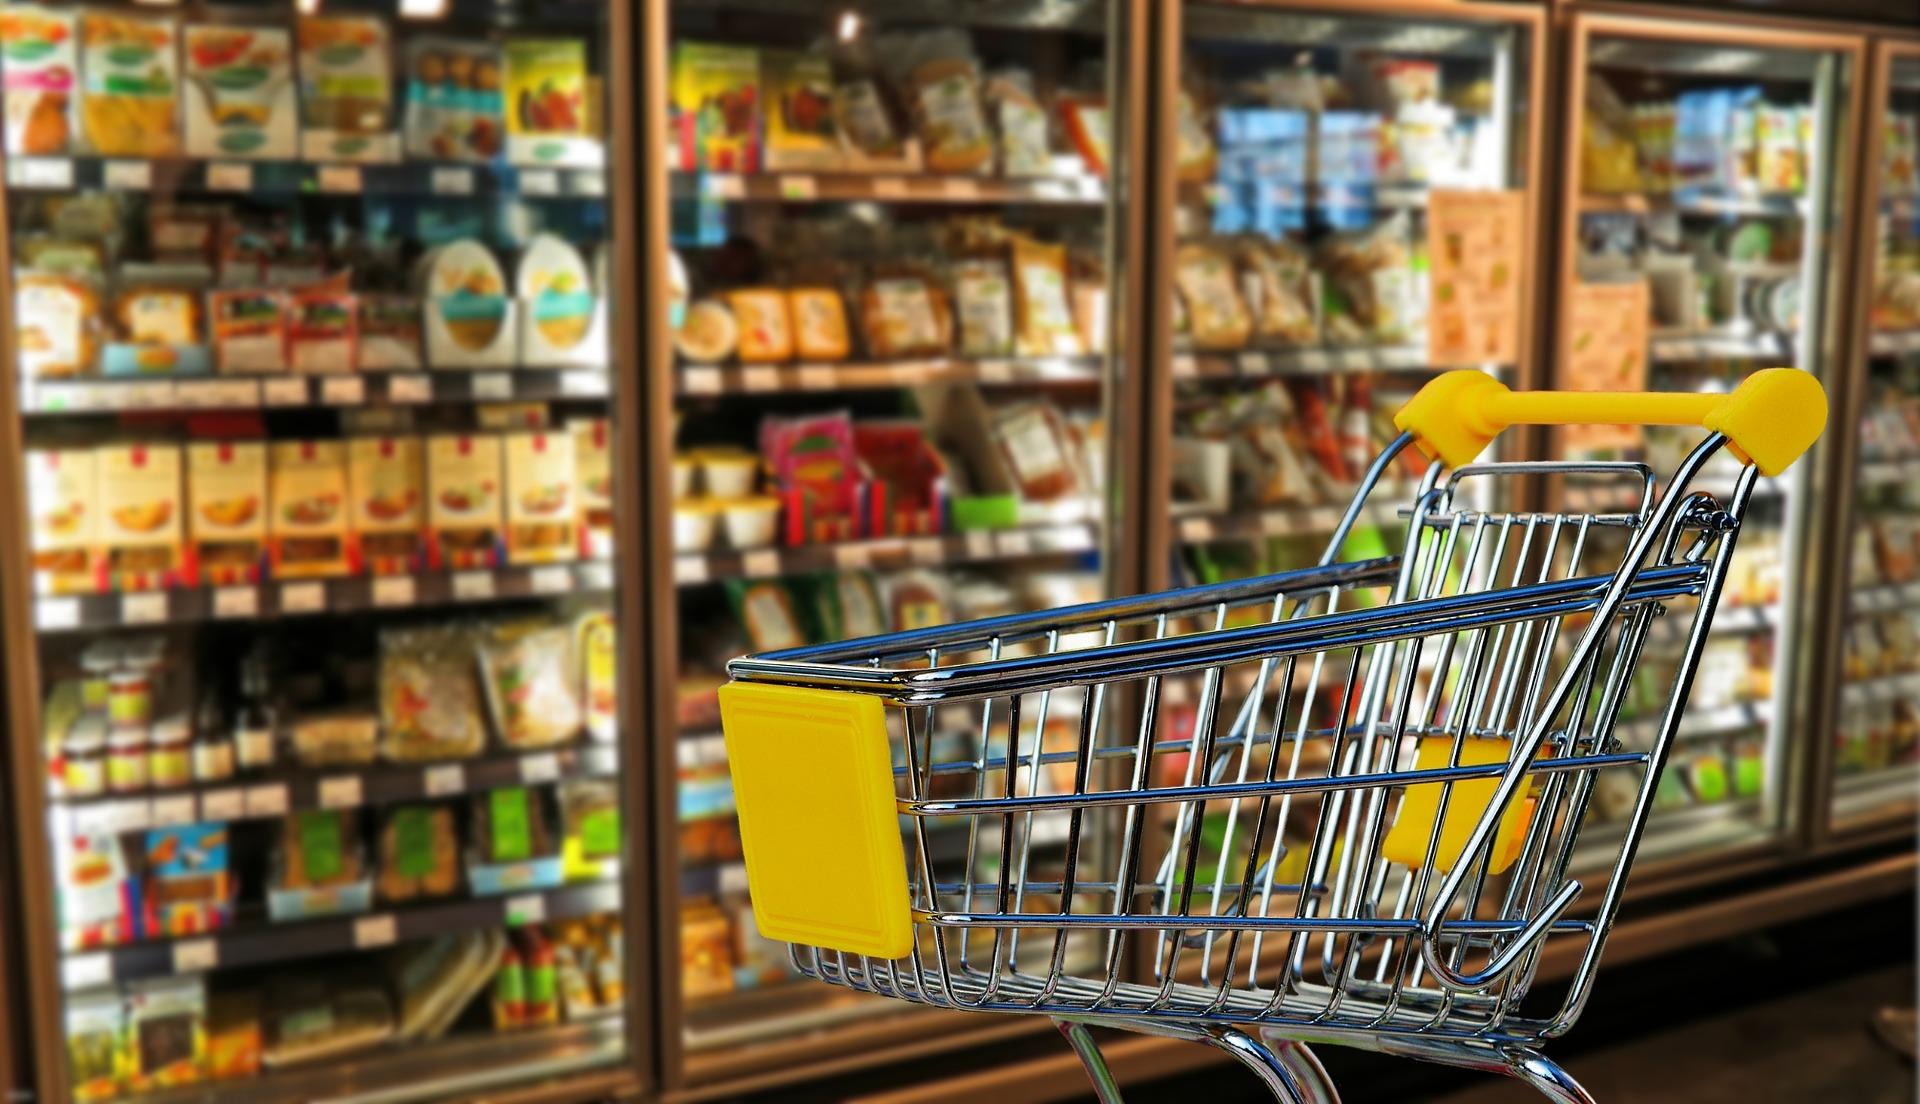 Auchan ouvrira en 2019 un magasin sans caissier ni vendeur